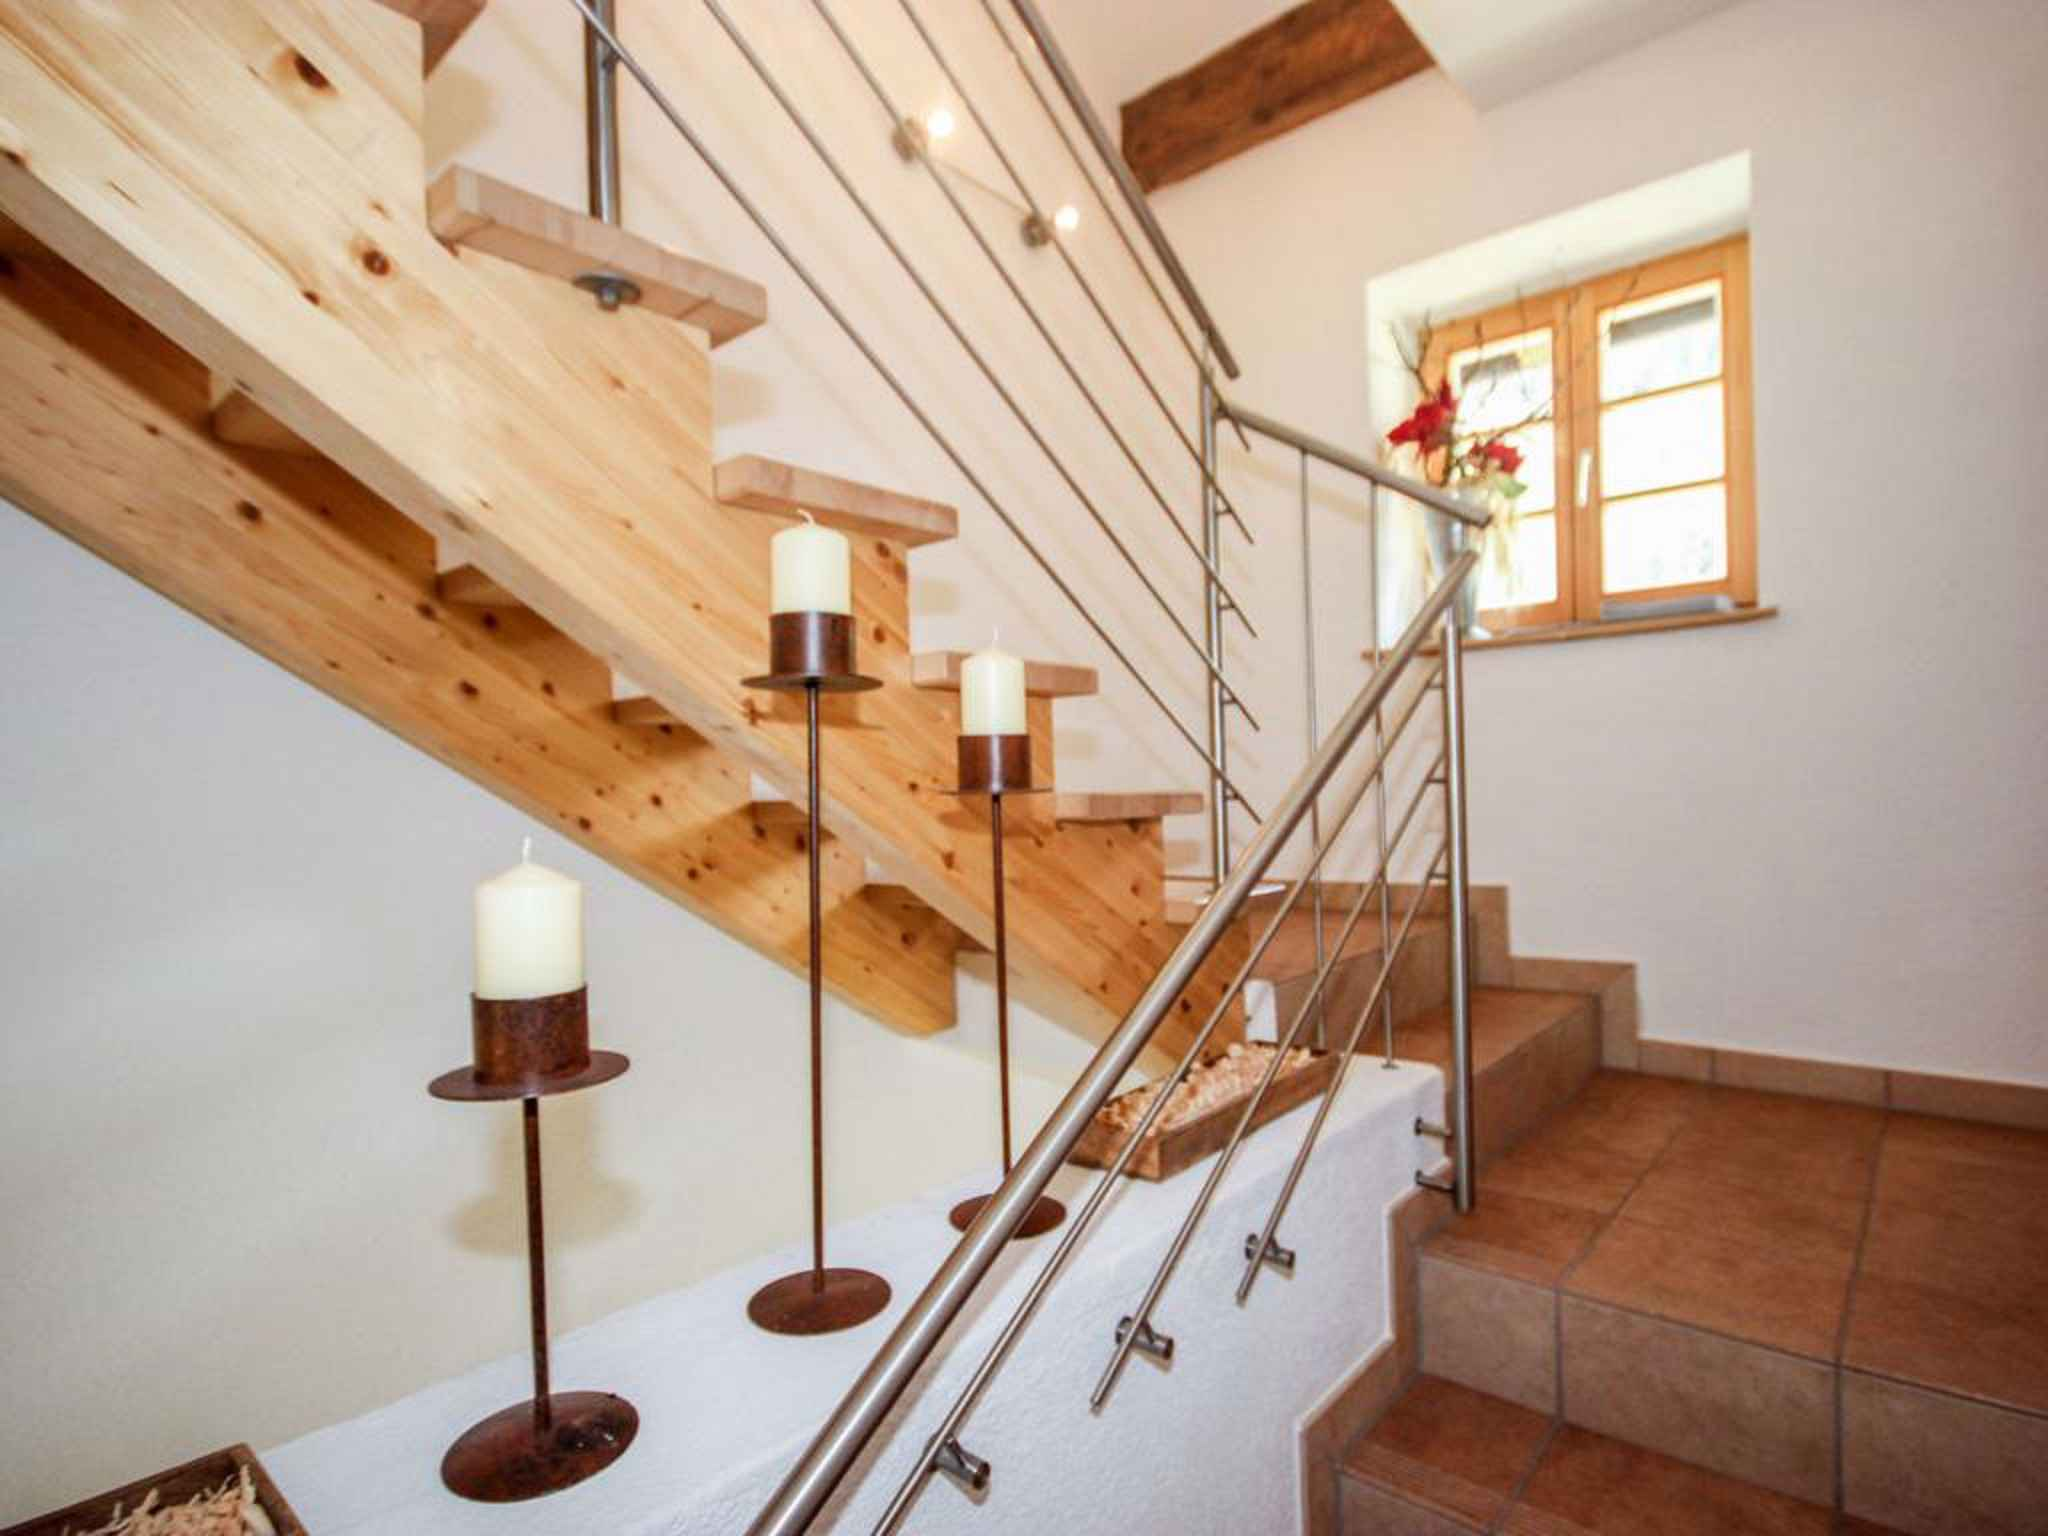 Ferienwohnung in einem über 300 Jahre alten Holzhaus (283707), Sölden (AT), Ötztal, Tirol, Österreich, Bild 18